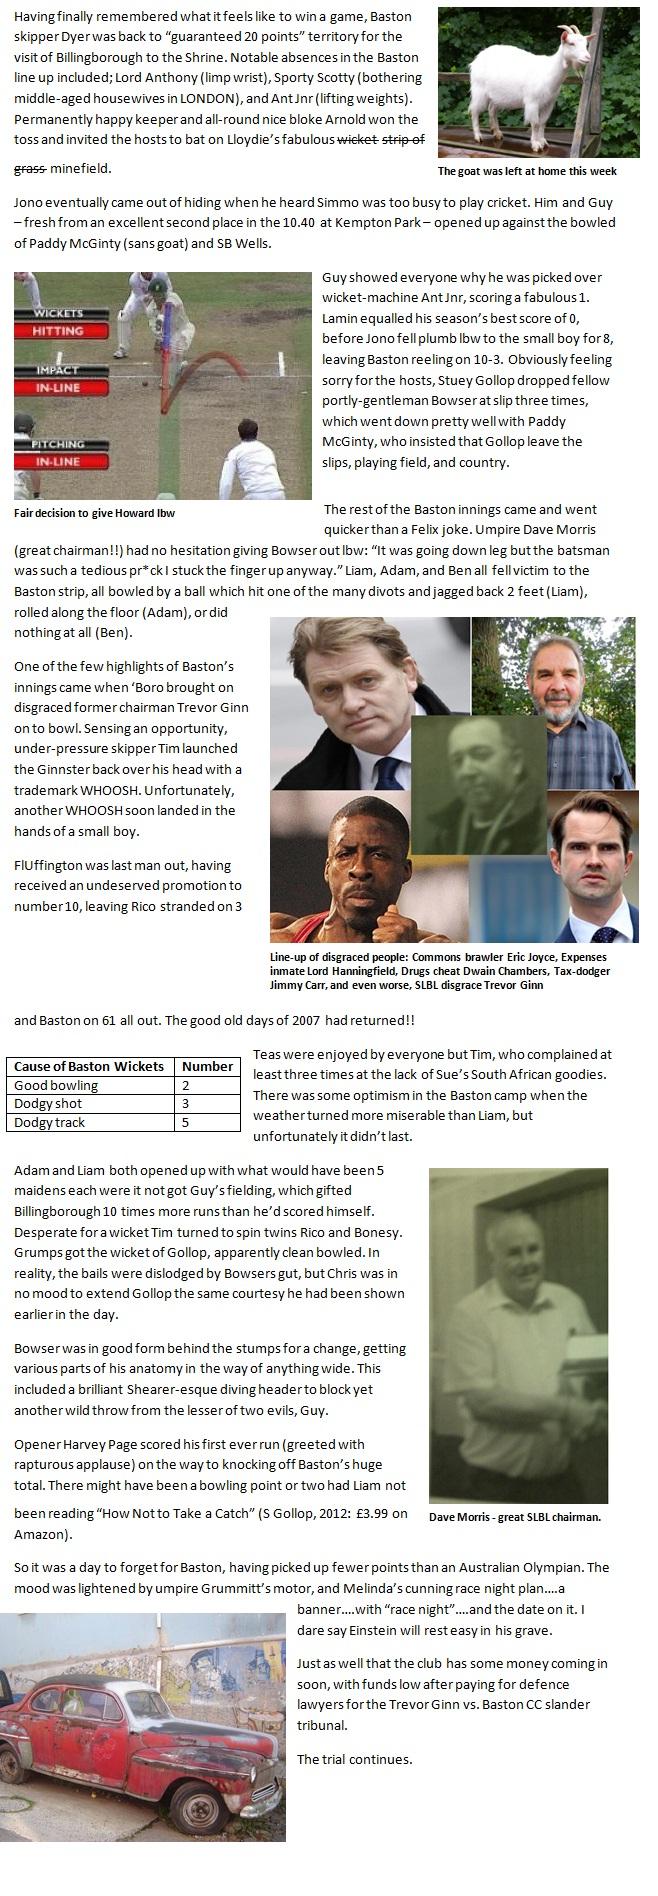 Billingborough Report